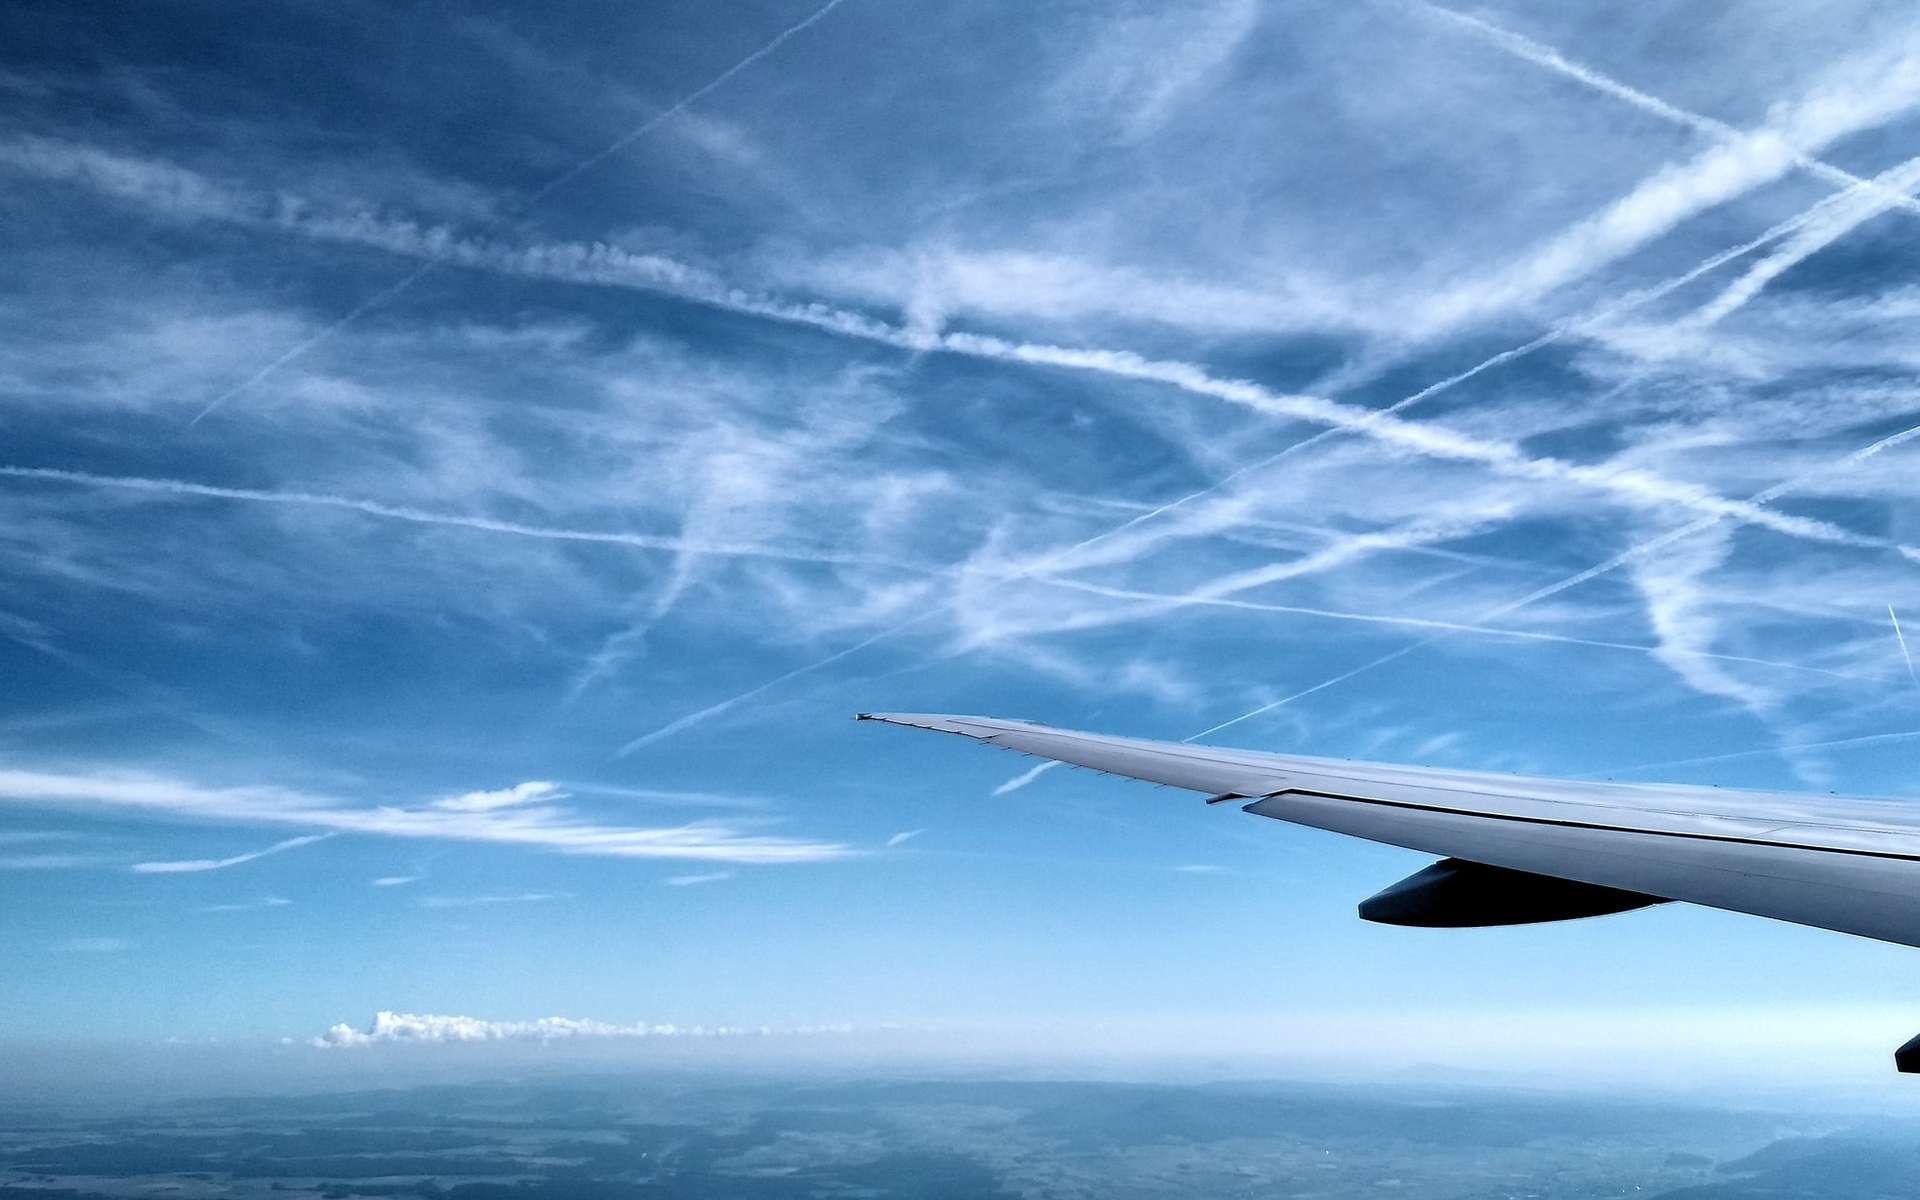 Les trainées laissées par les avions contribuent à l'augmentation de l'effet de serre. © Rogerio Camboim, Flickr